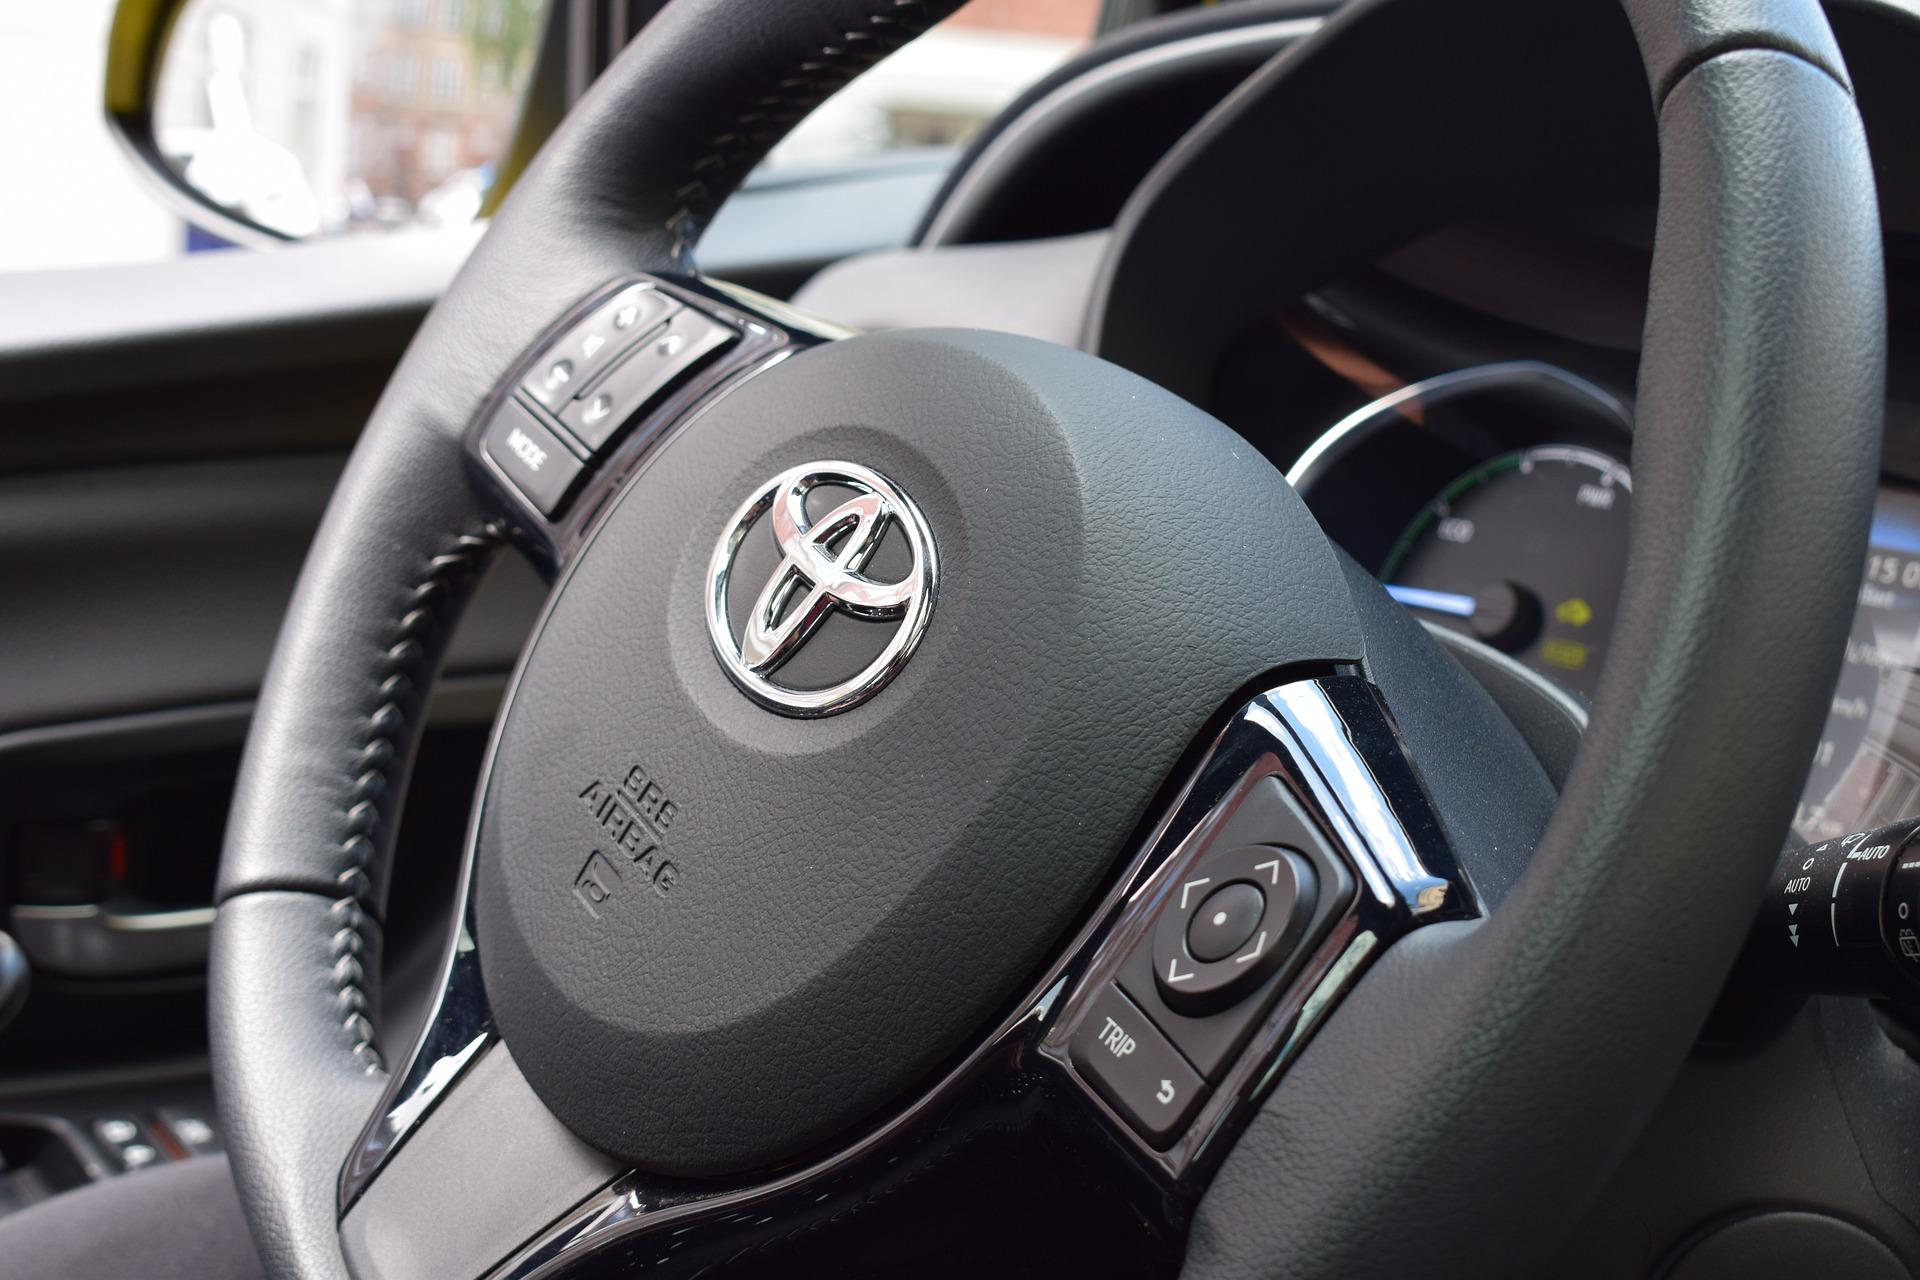 L'hybride Toyota Yaris - Apprenez les Spécificités et Son Prix